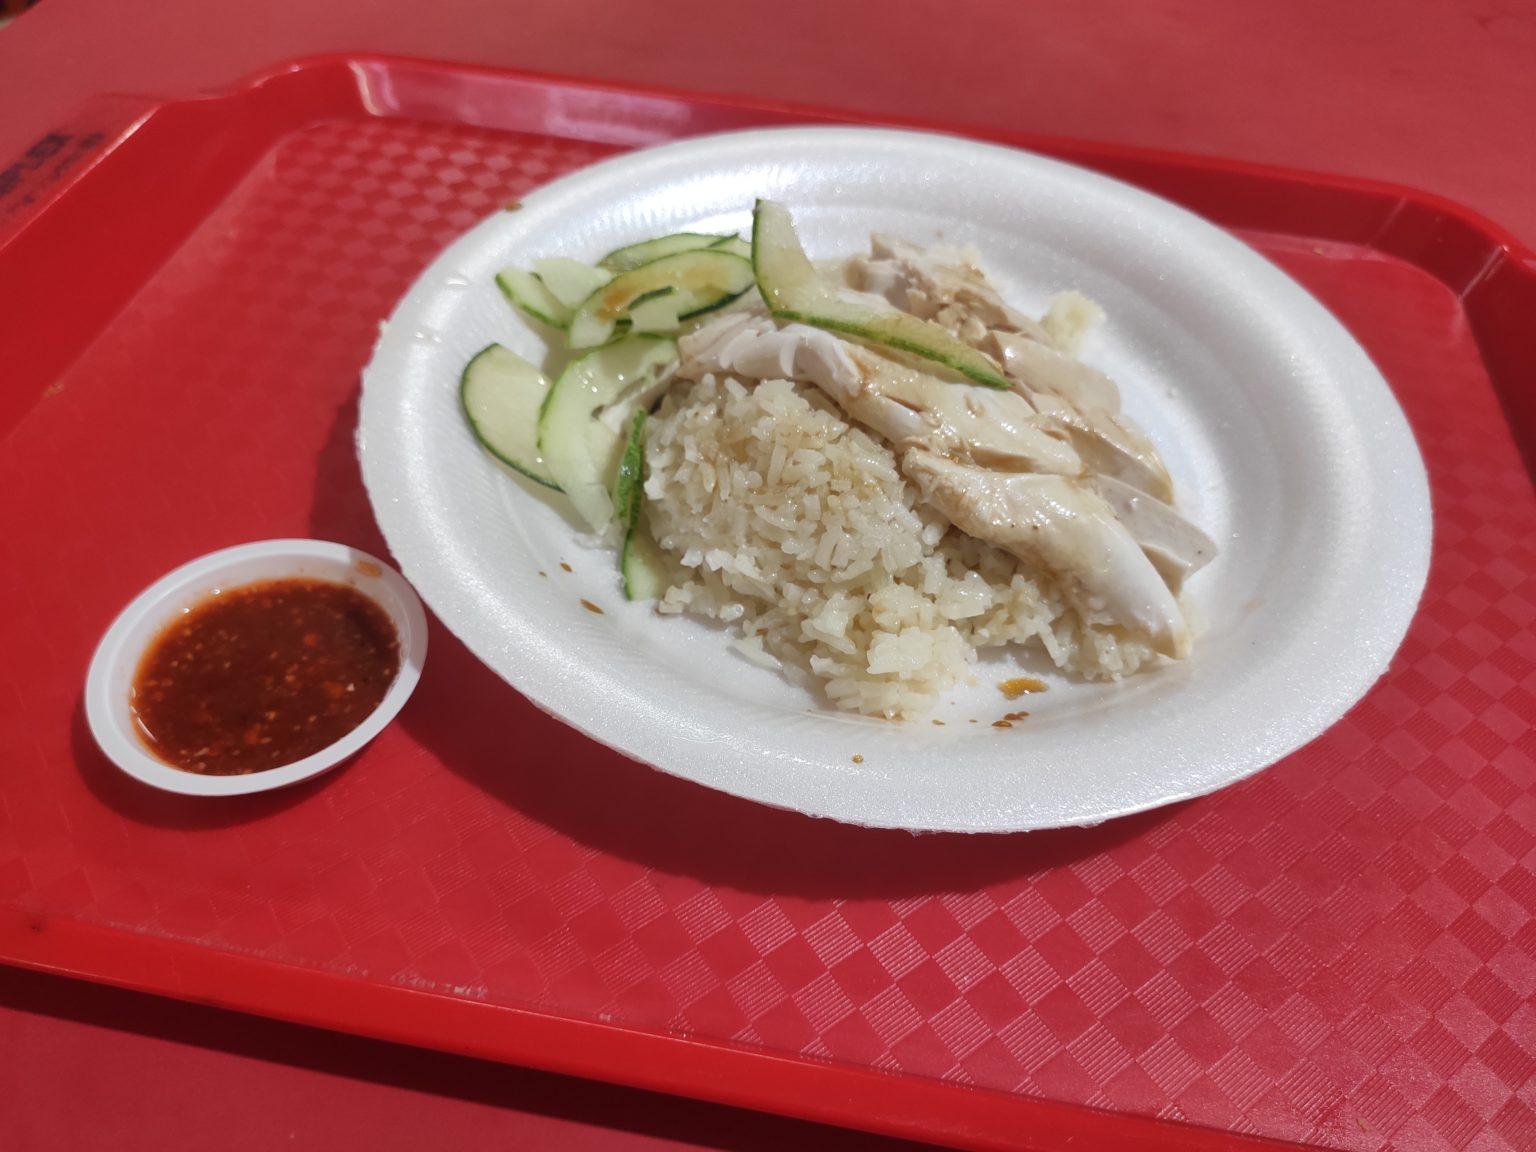 Review: Heng Ji Chicken Rice (Singapore)